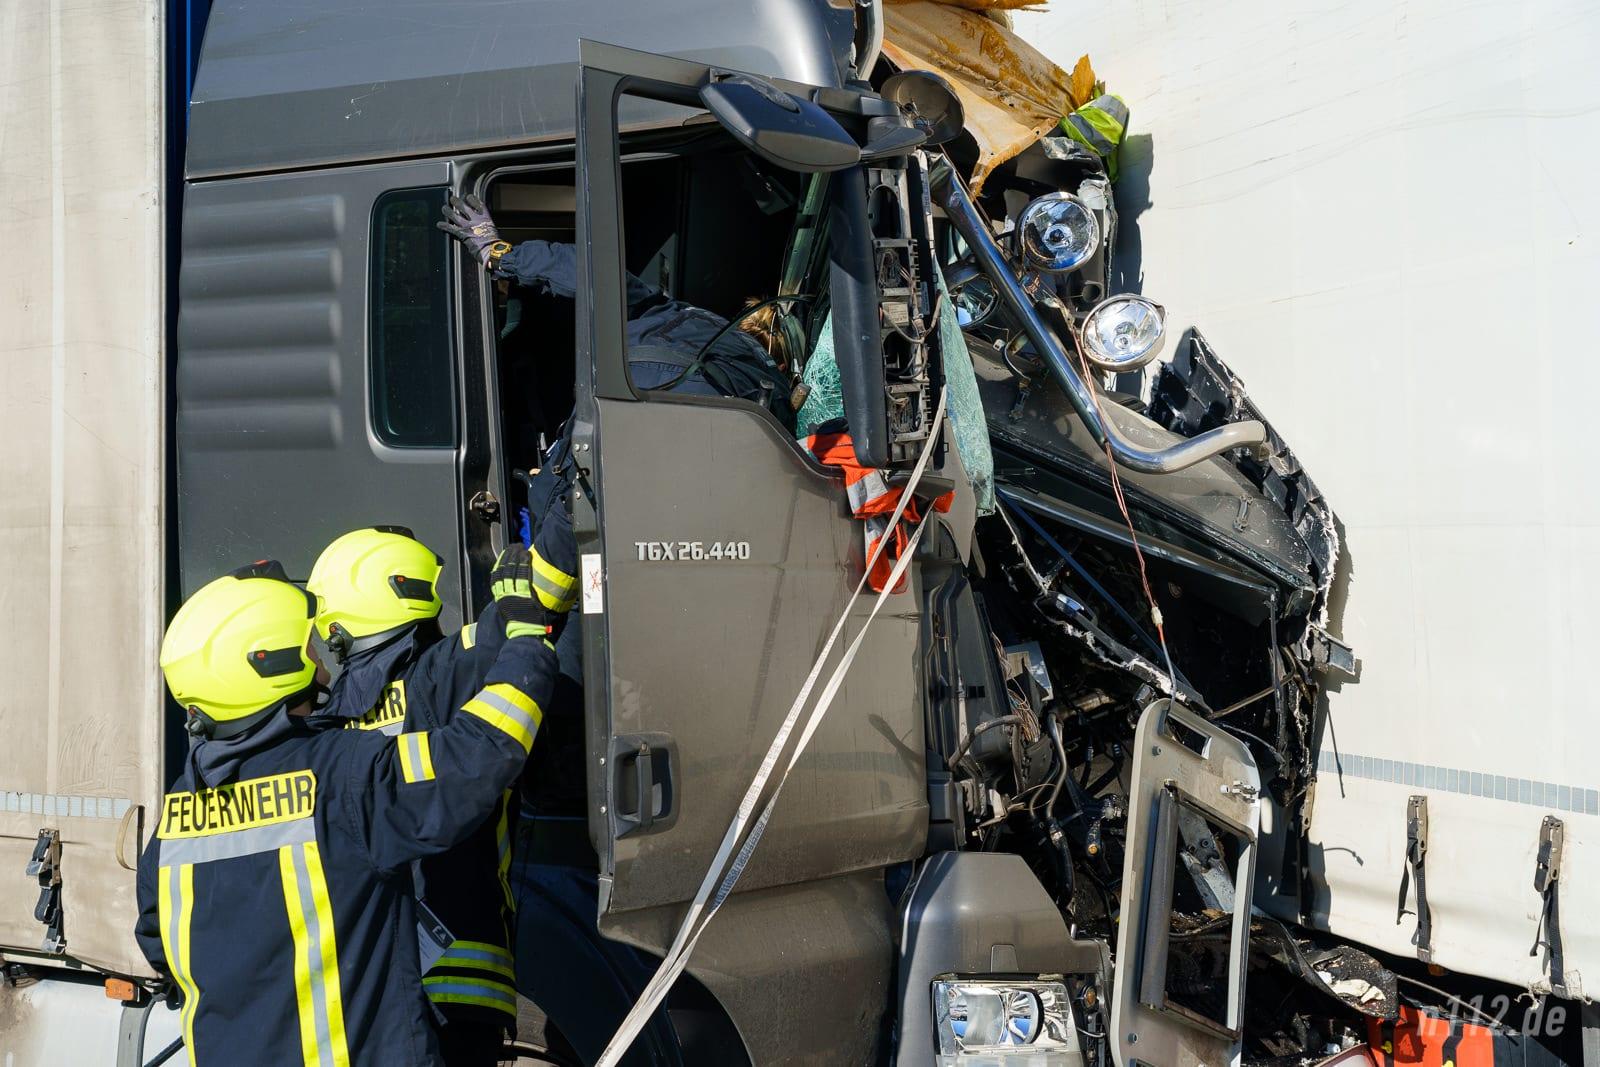 Eine Polizistin untersucht die Fahrerkabine des Verursachers (Foto: n112.de/Stefan Simonsen)